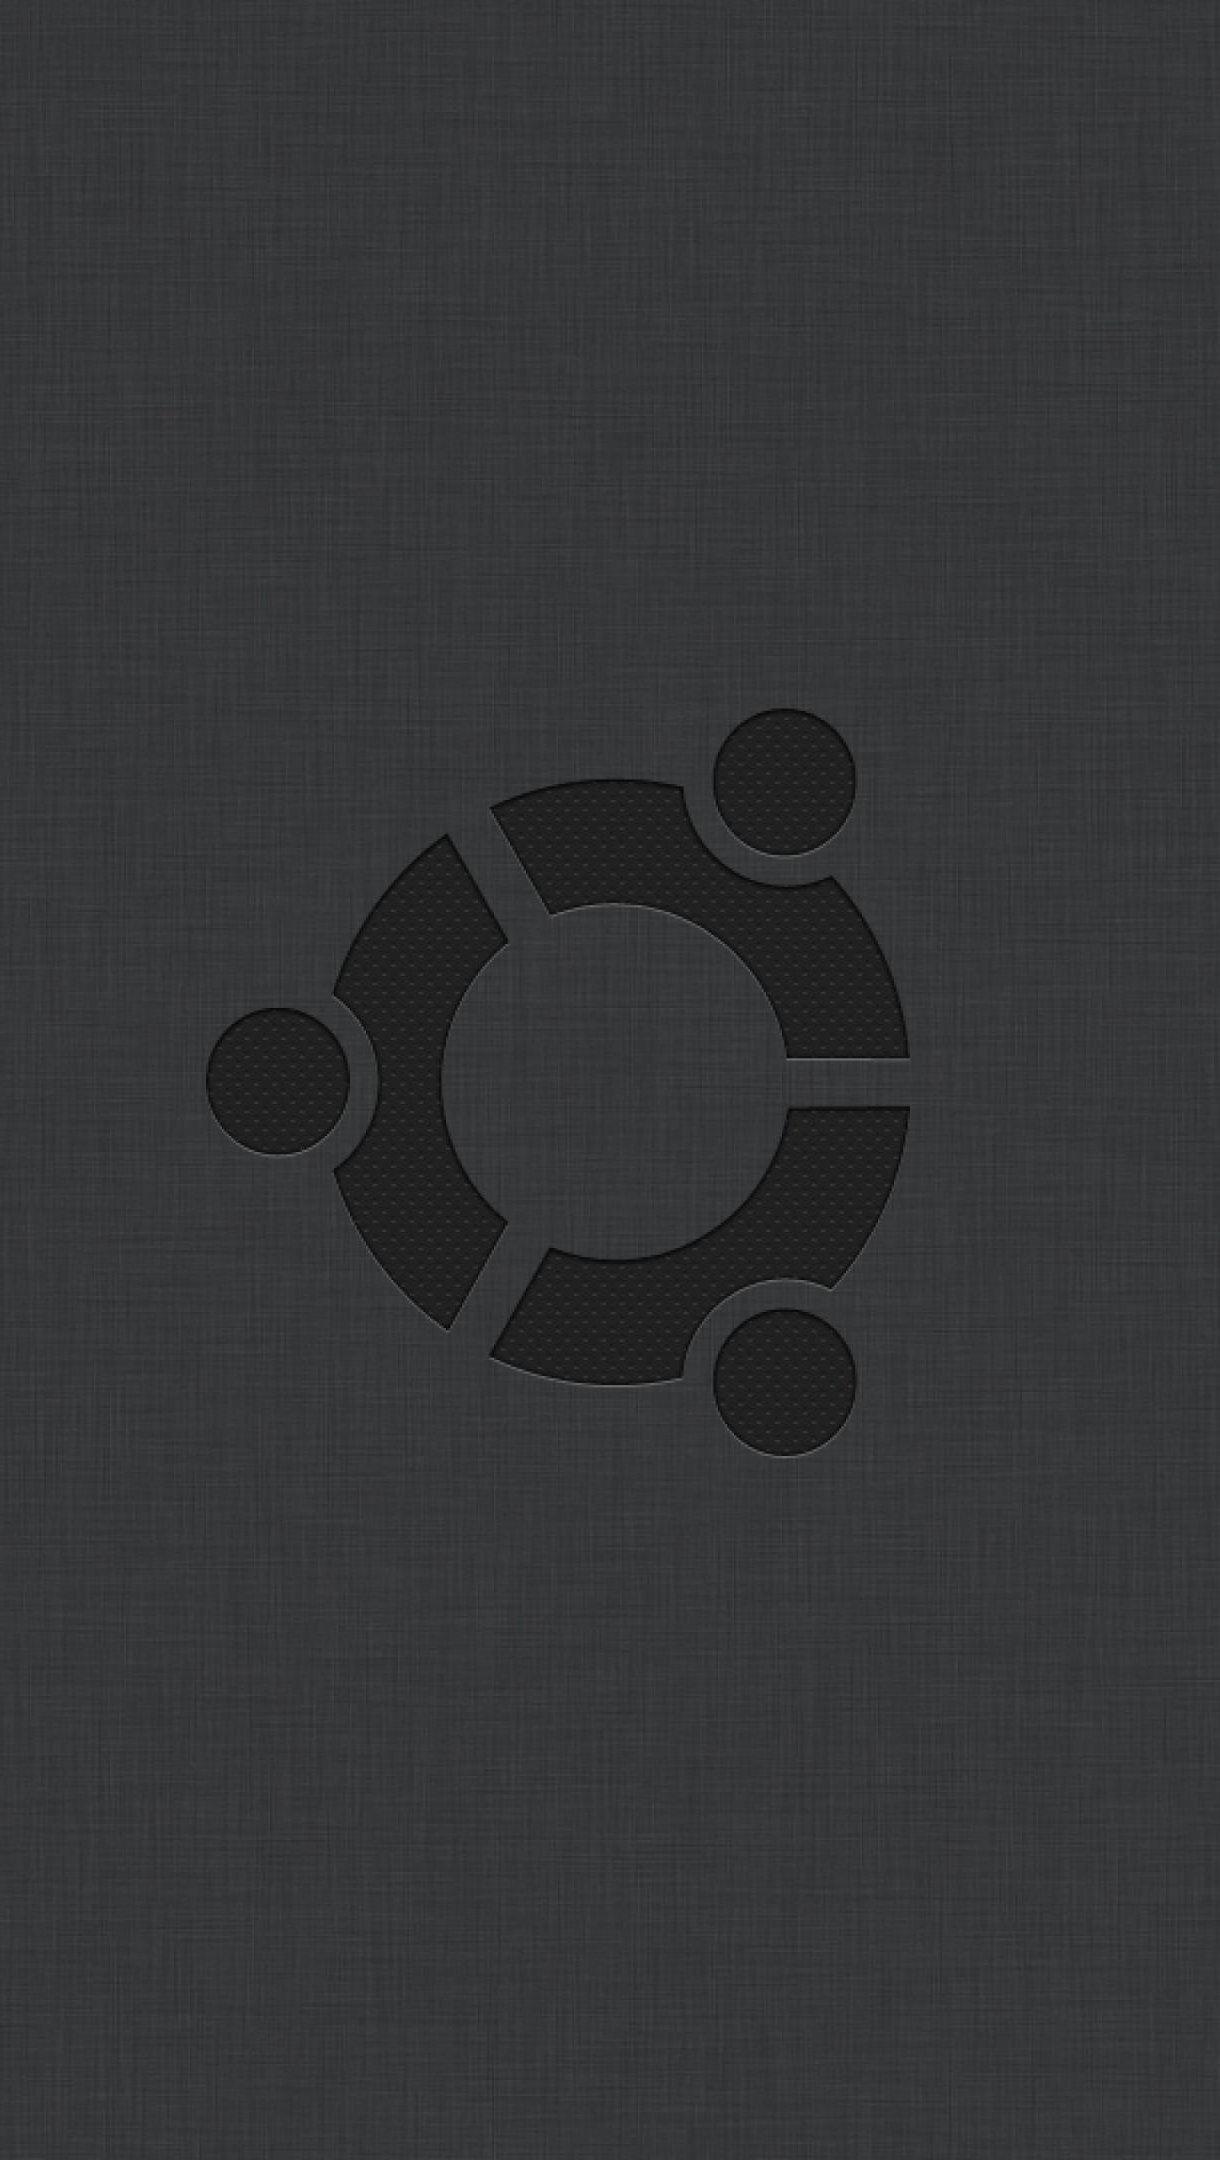 Wallpaper Ubuntu Vertical